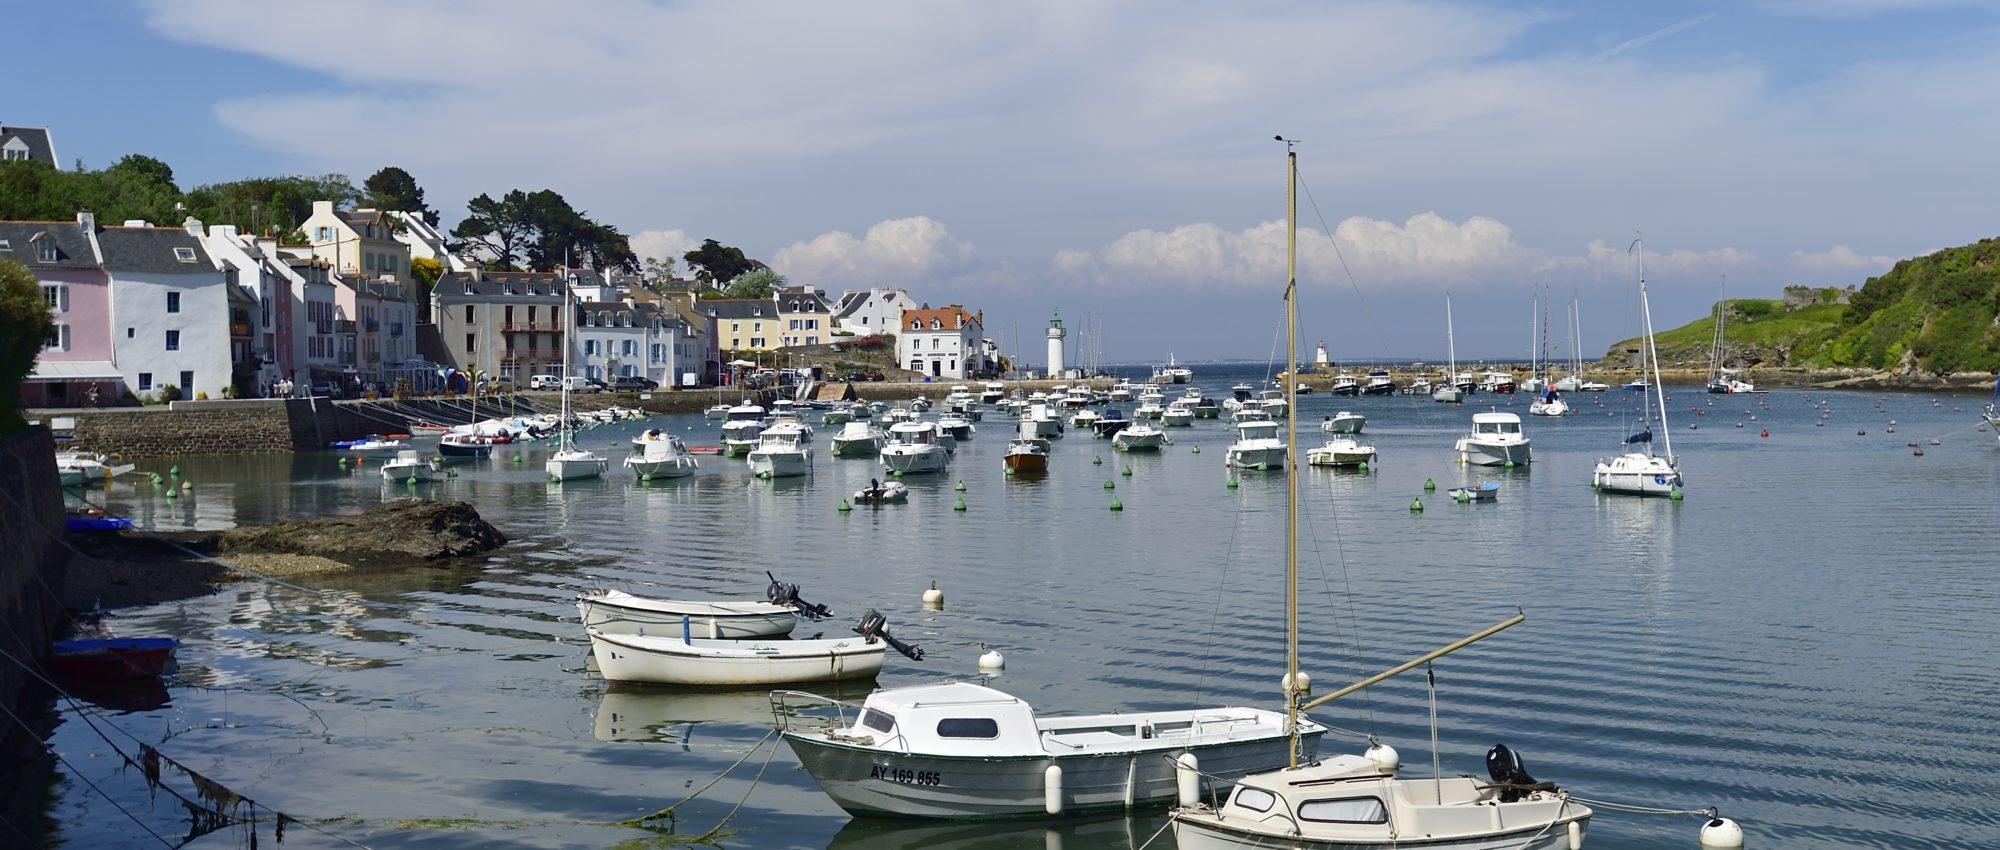 D couvrez belle le en mer les infos conna tre avant de - Office du tourisme belle ile en mer ...